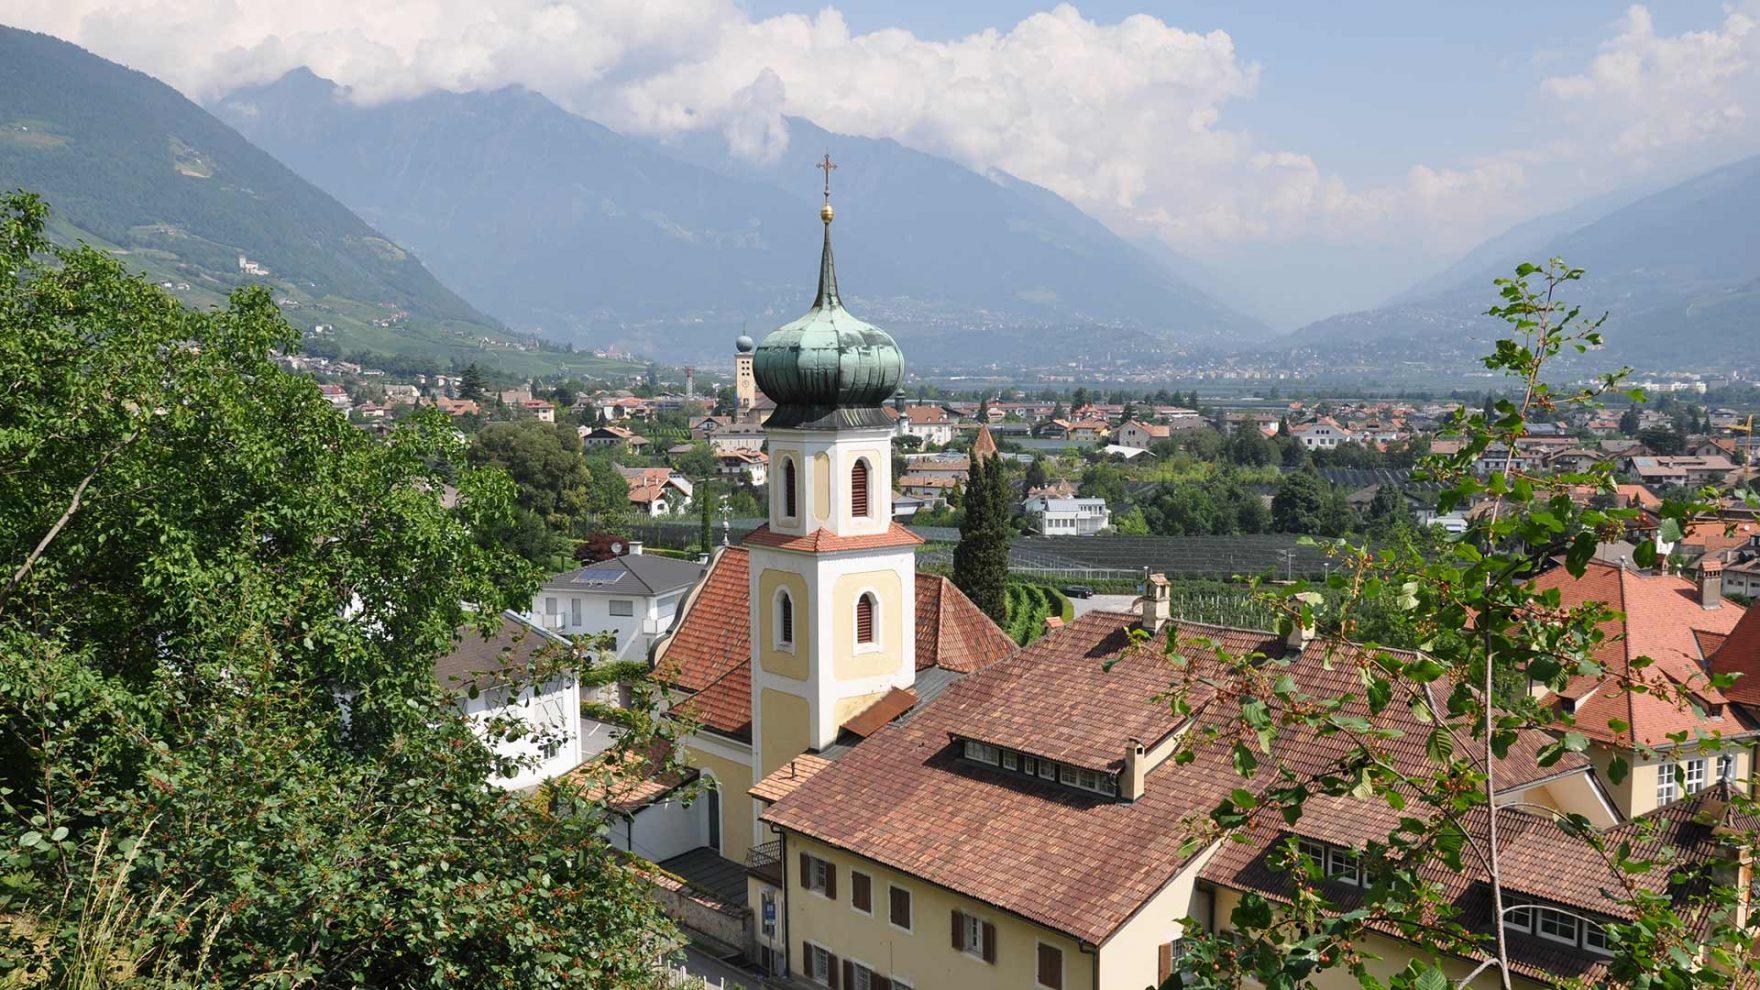 Kirche von Lana